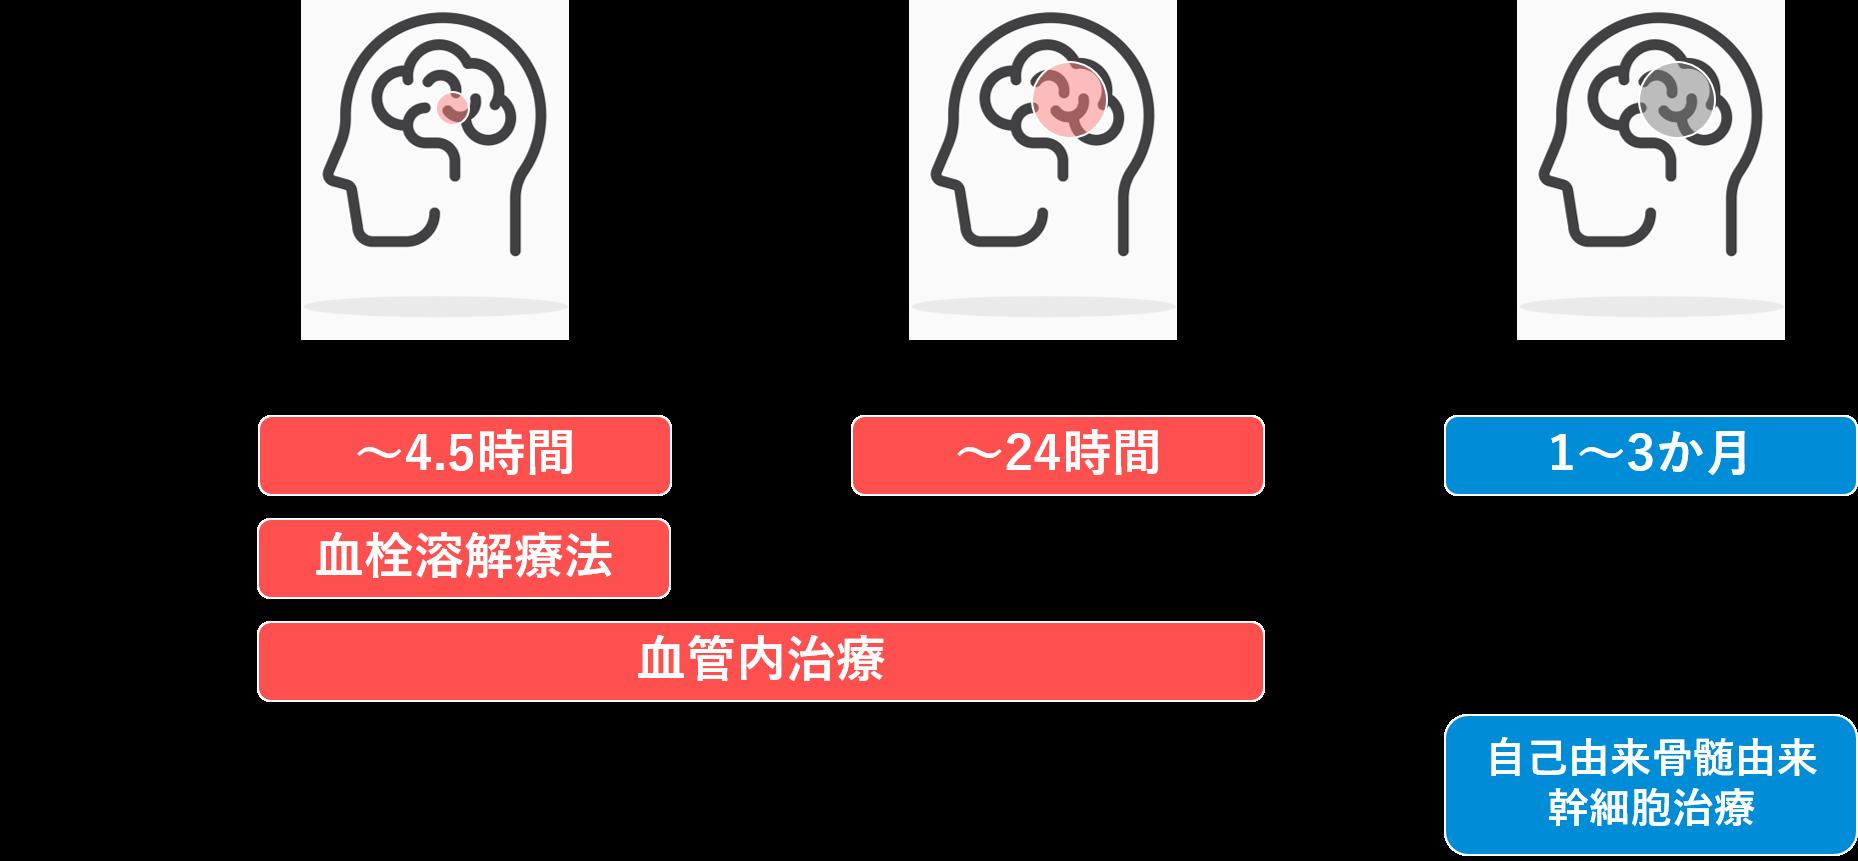 脳梗塞の時間経過と治療